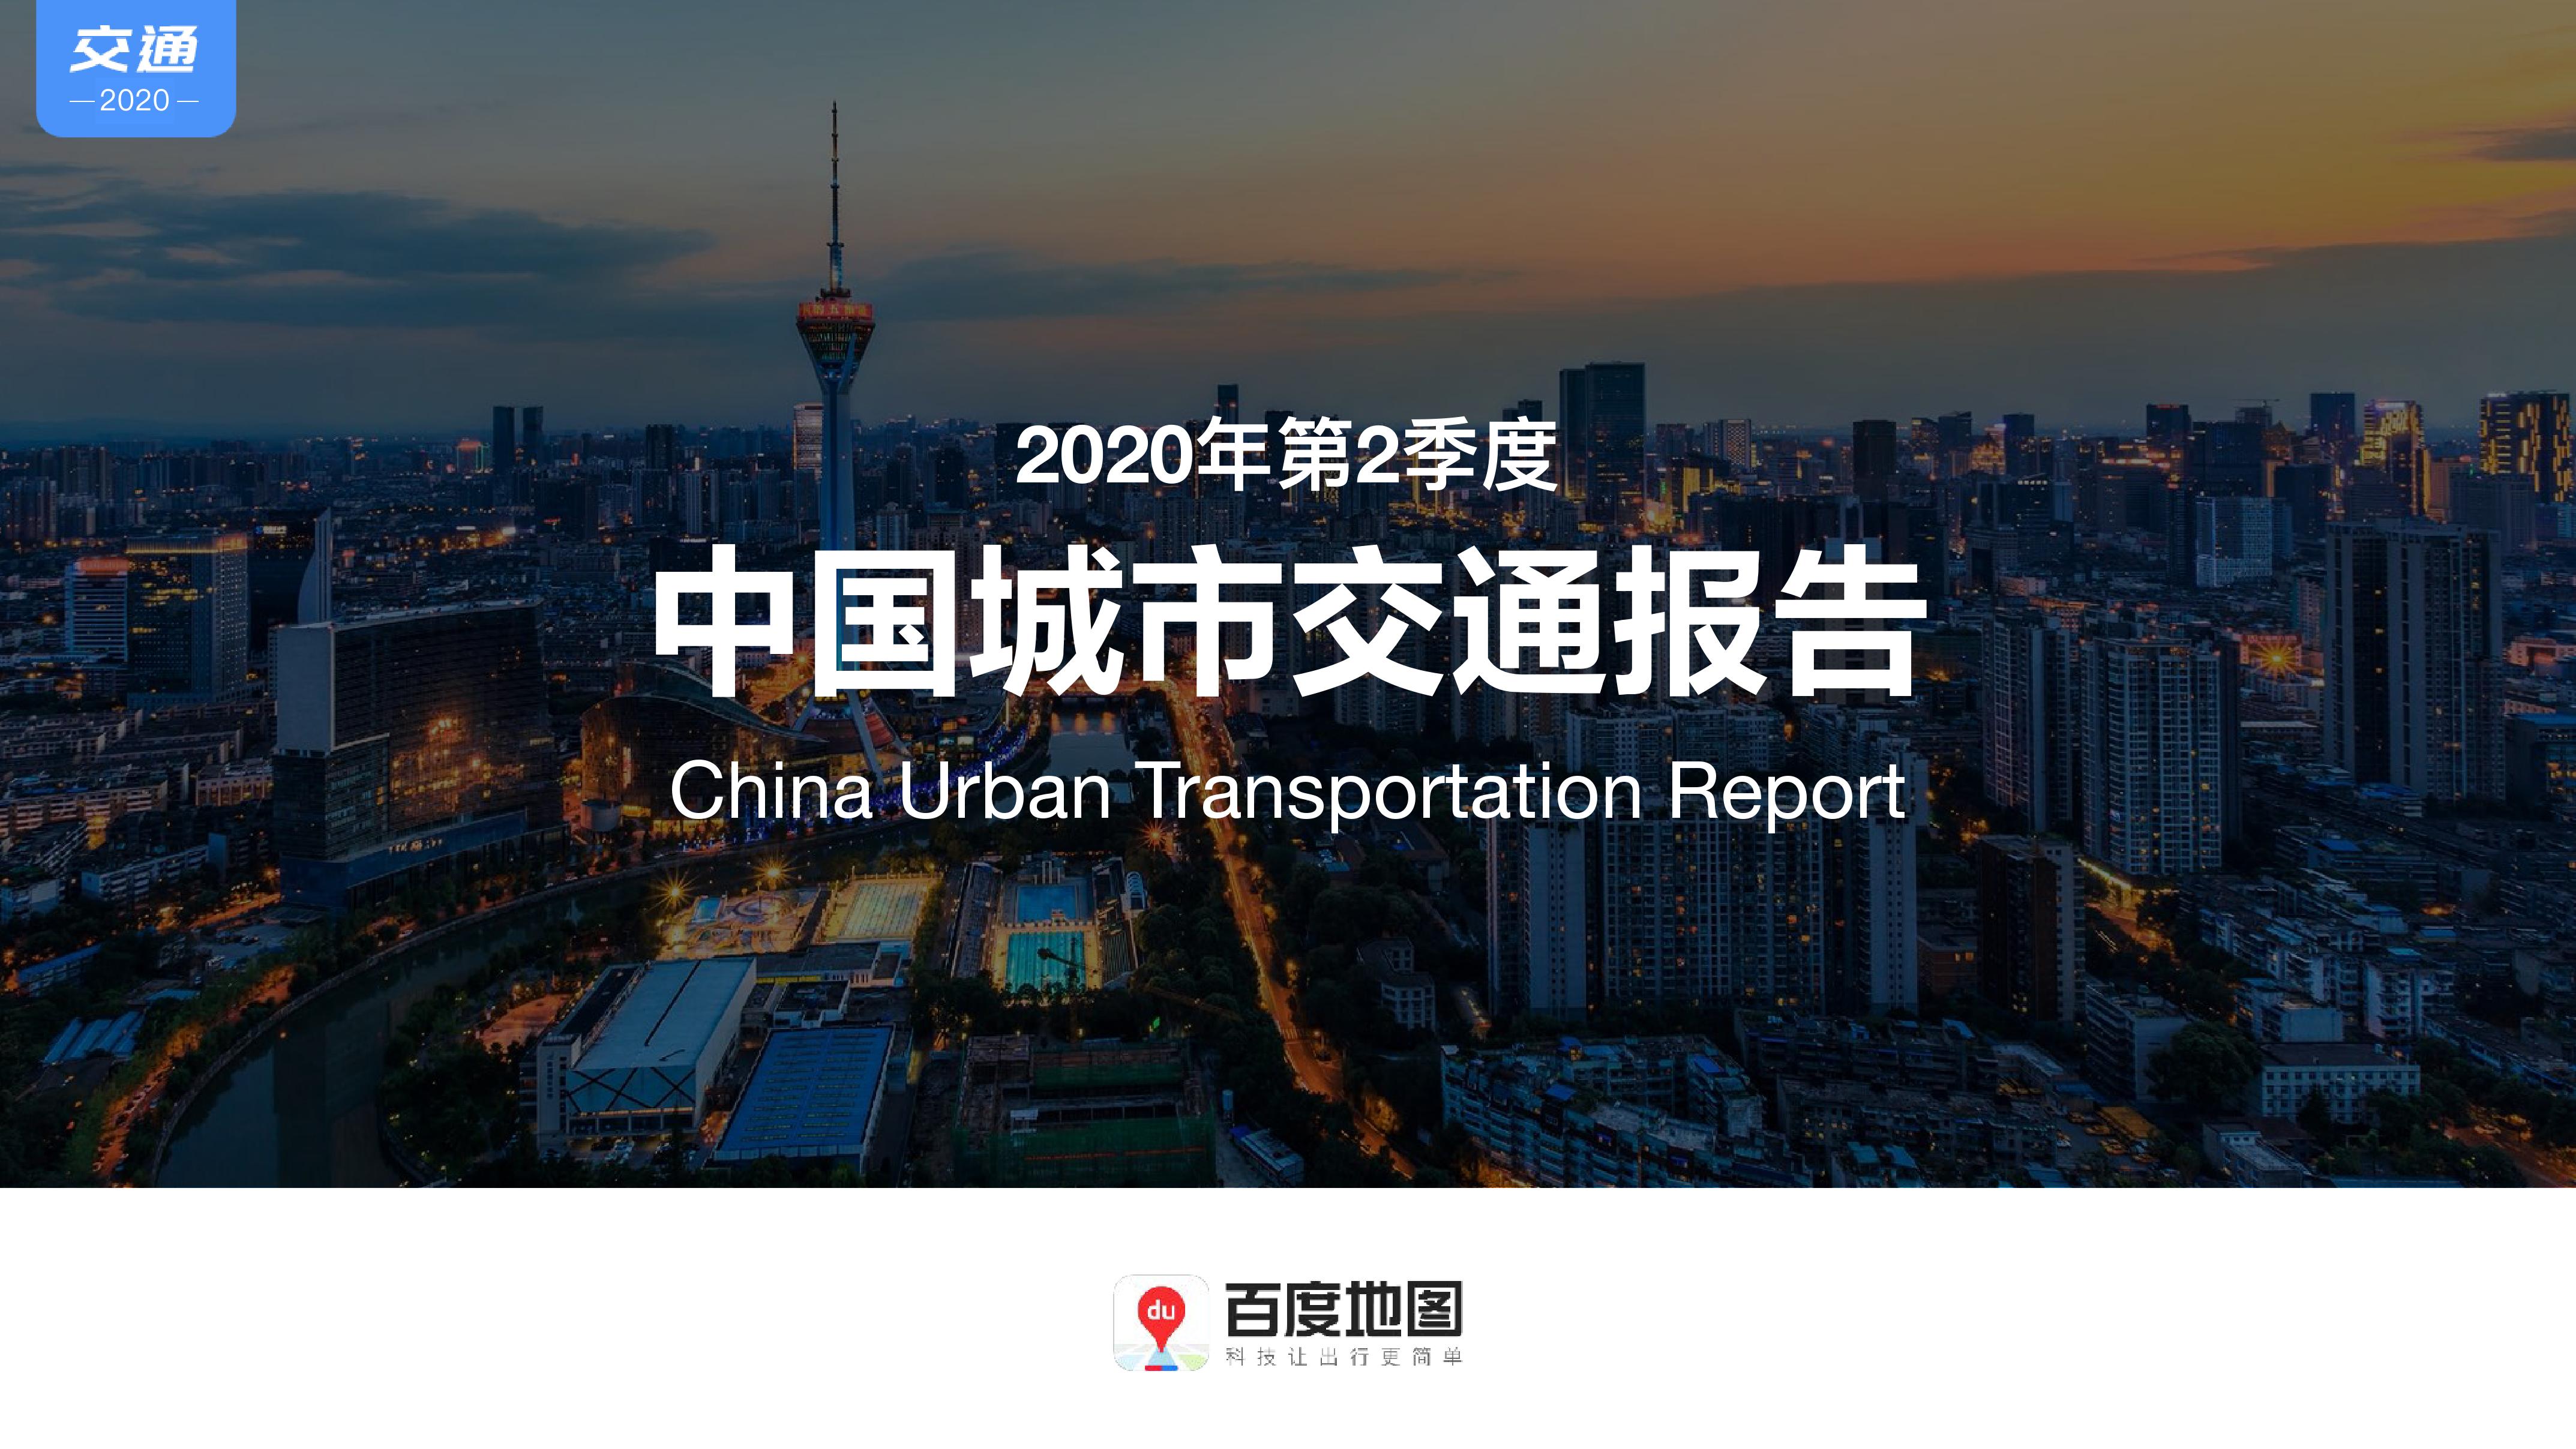 百度地图:2020年第2季度中国城市交通报告(附下载)